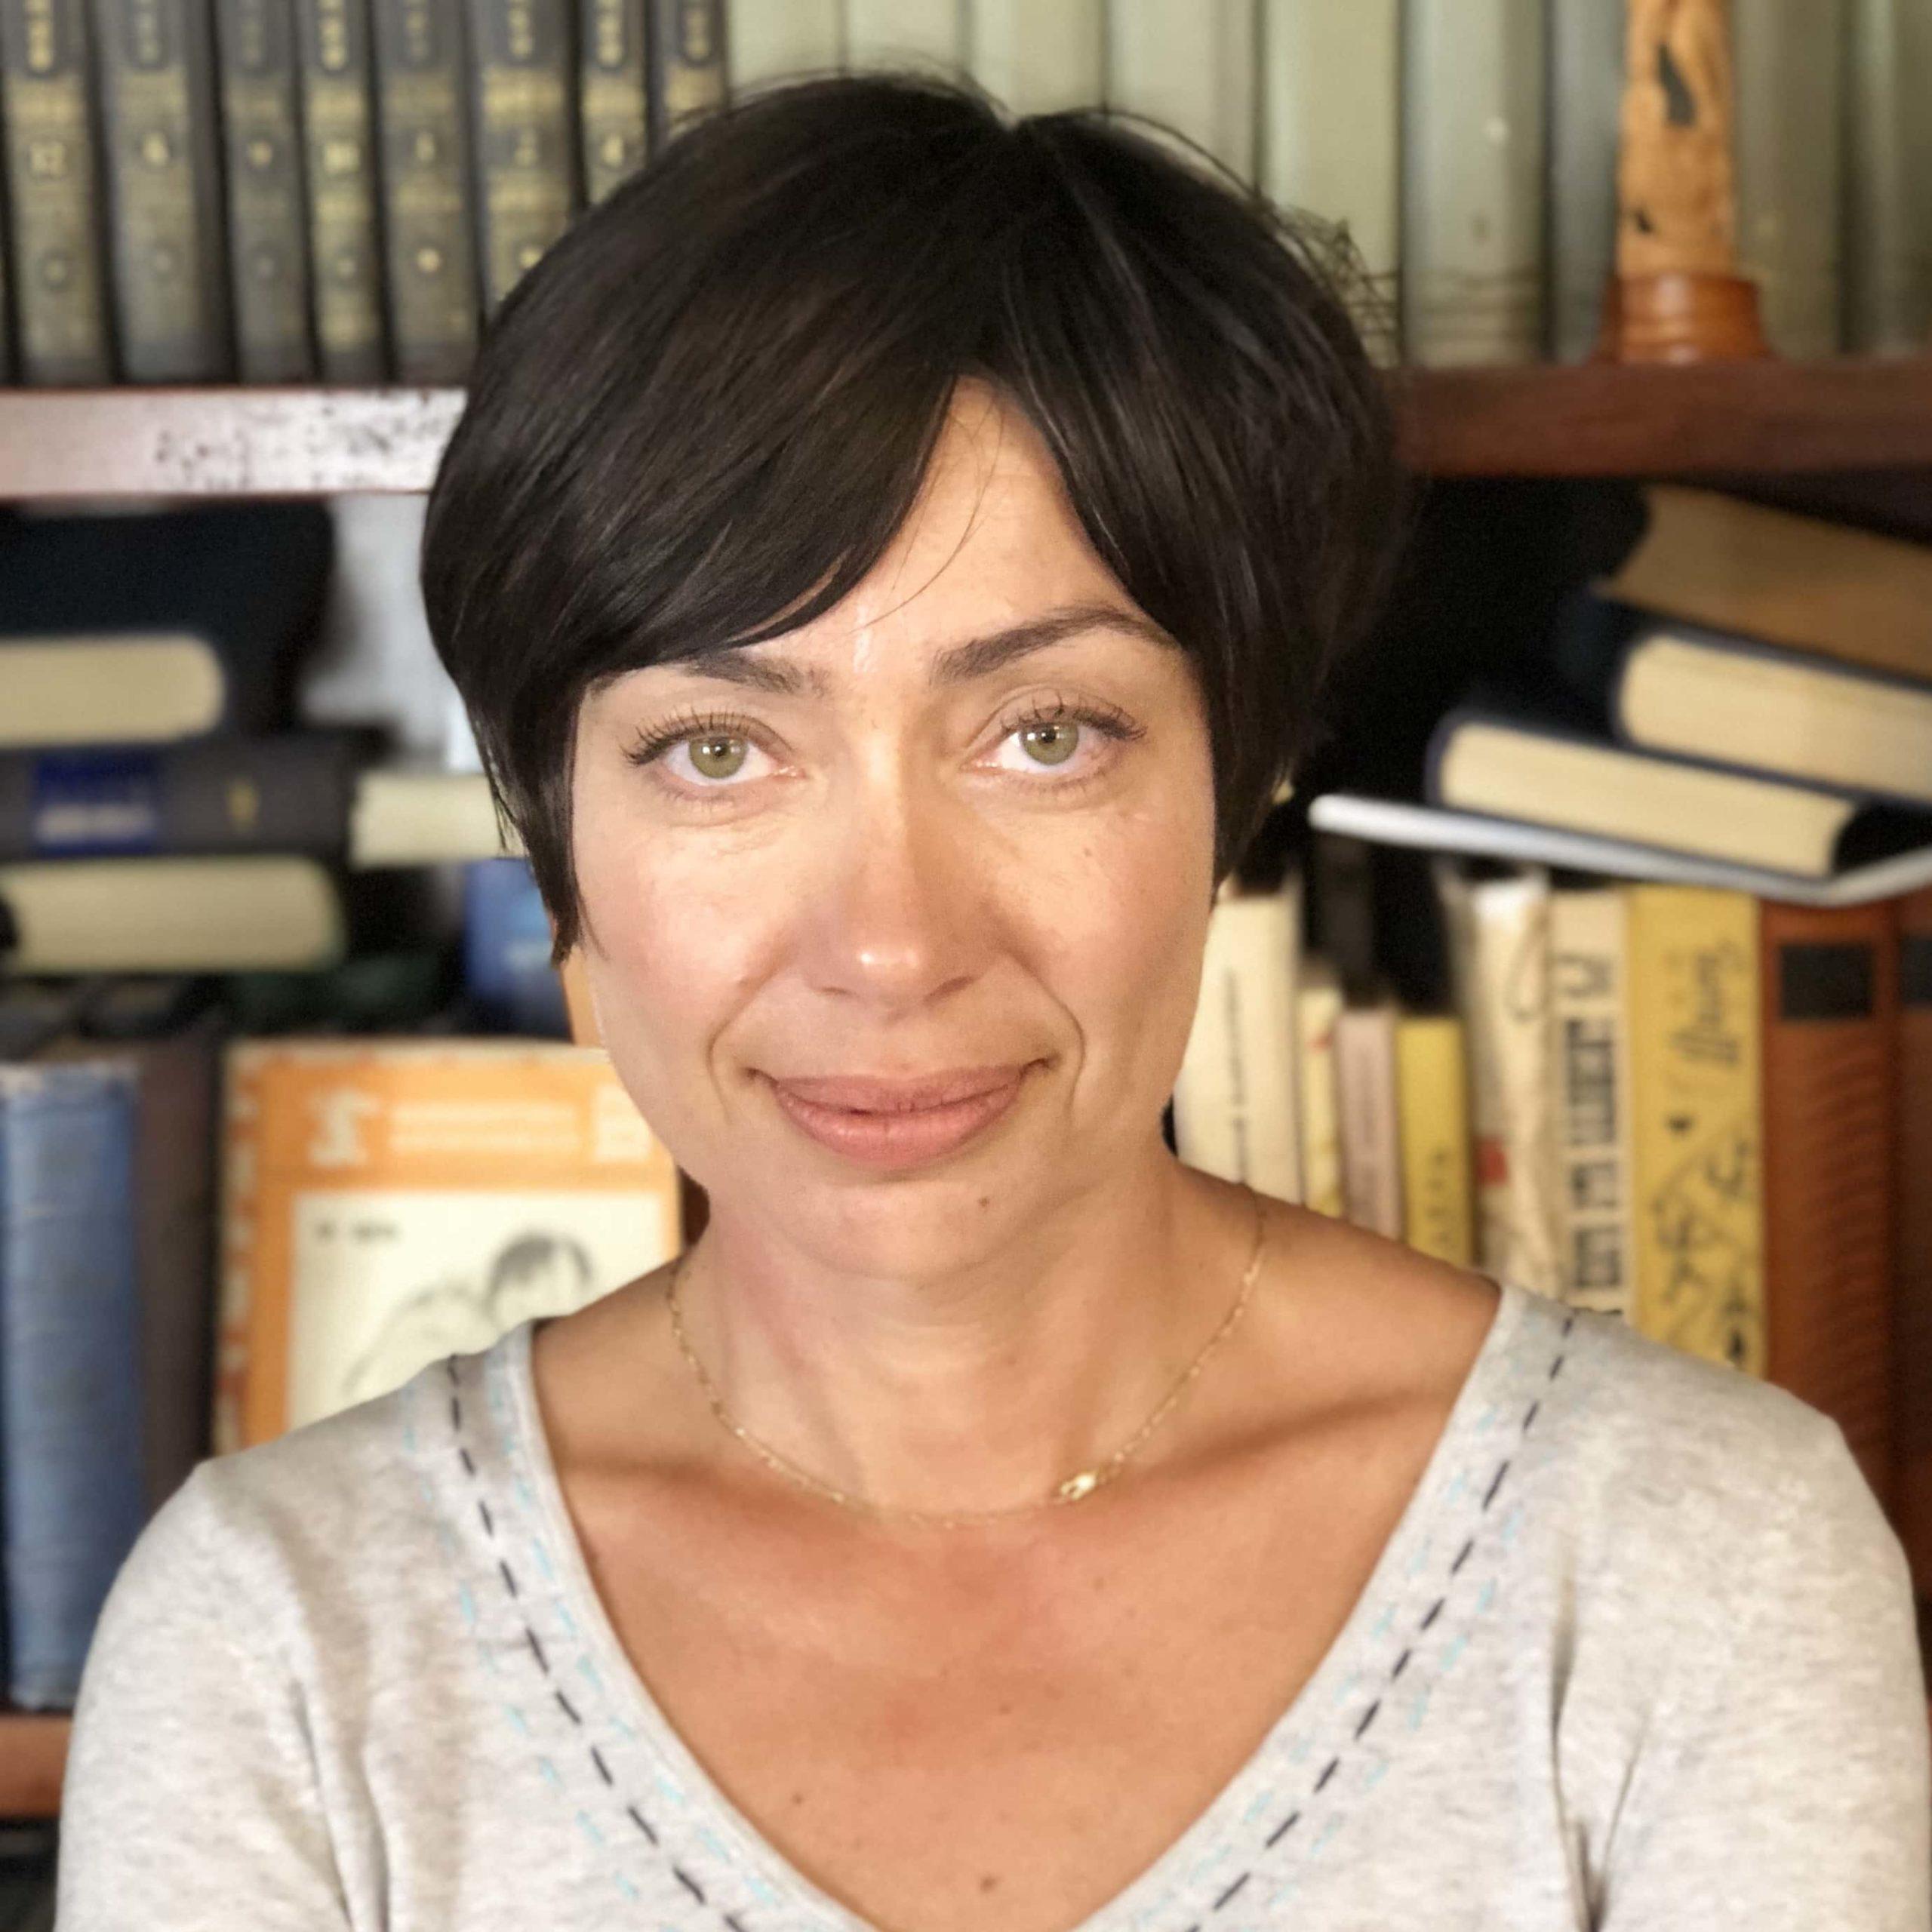 Anastasia Edel